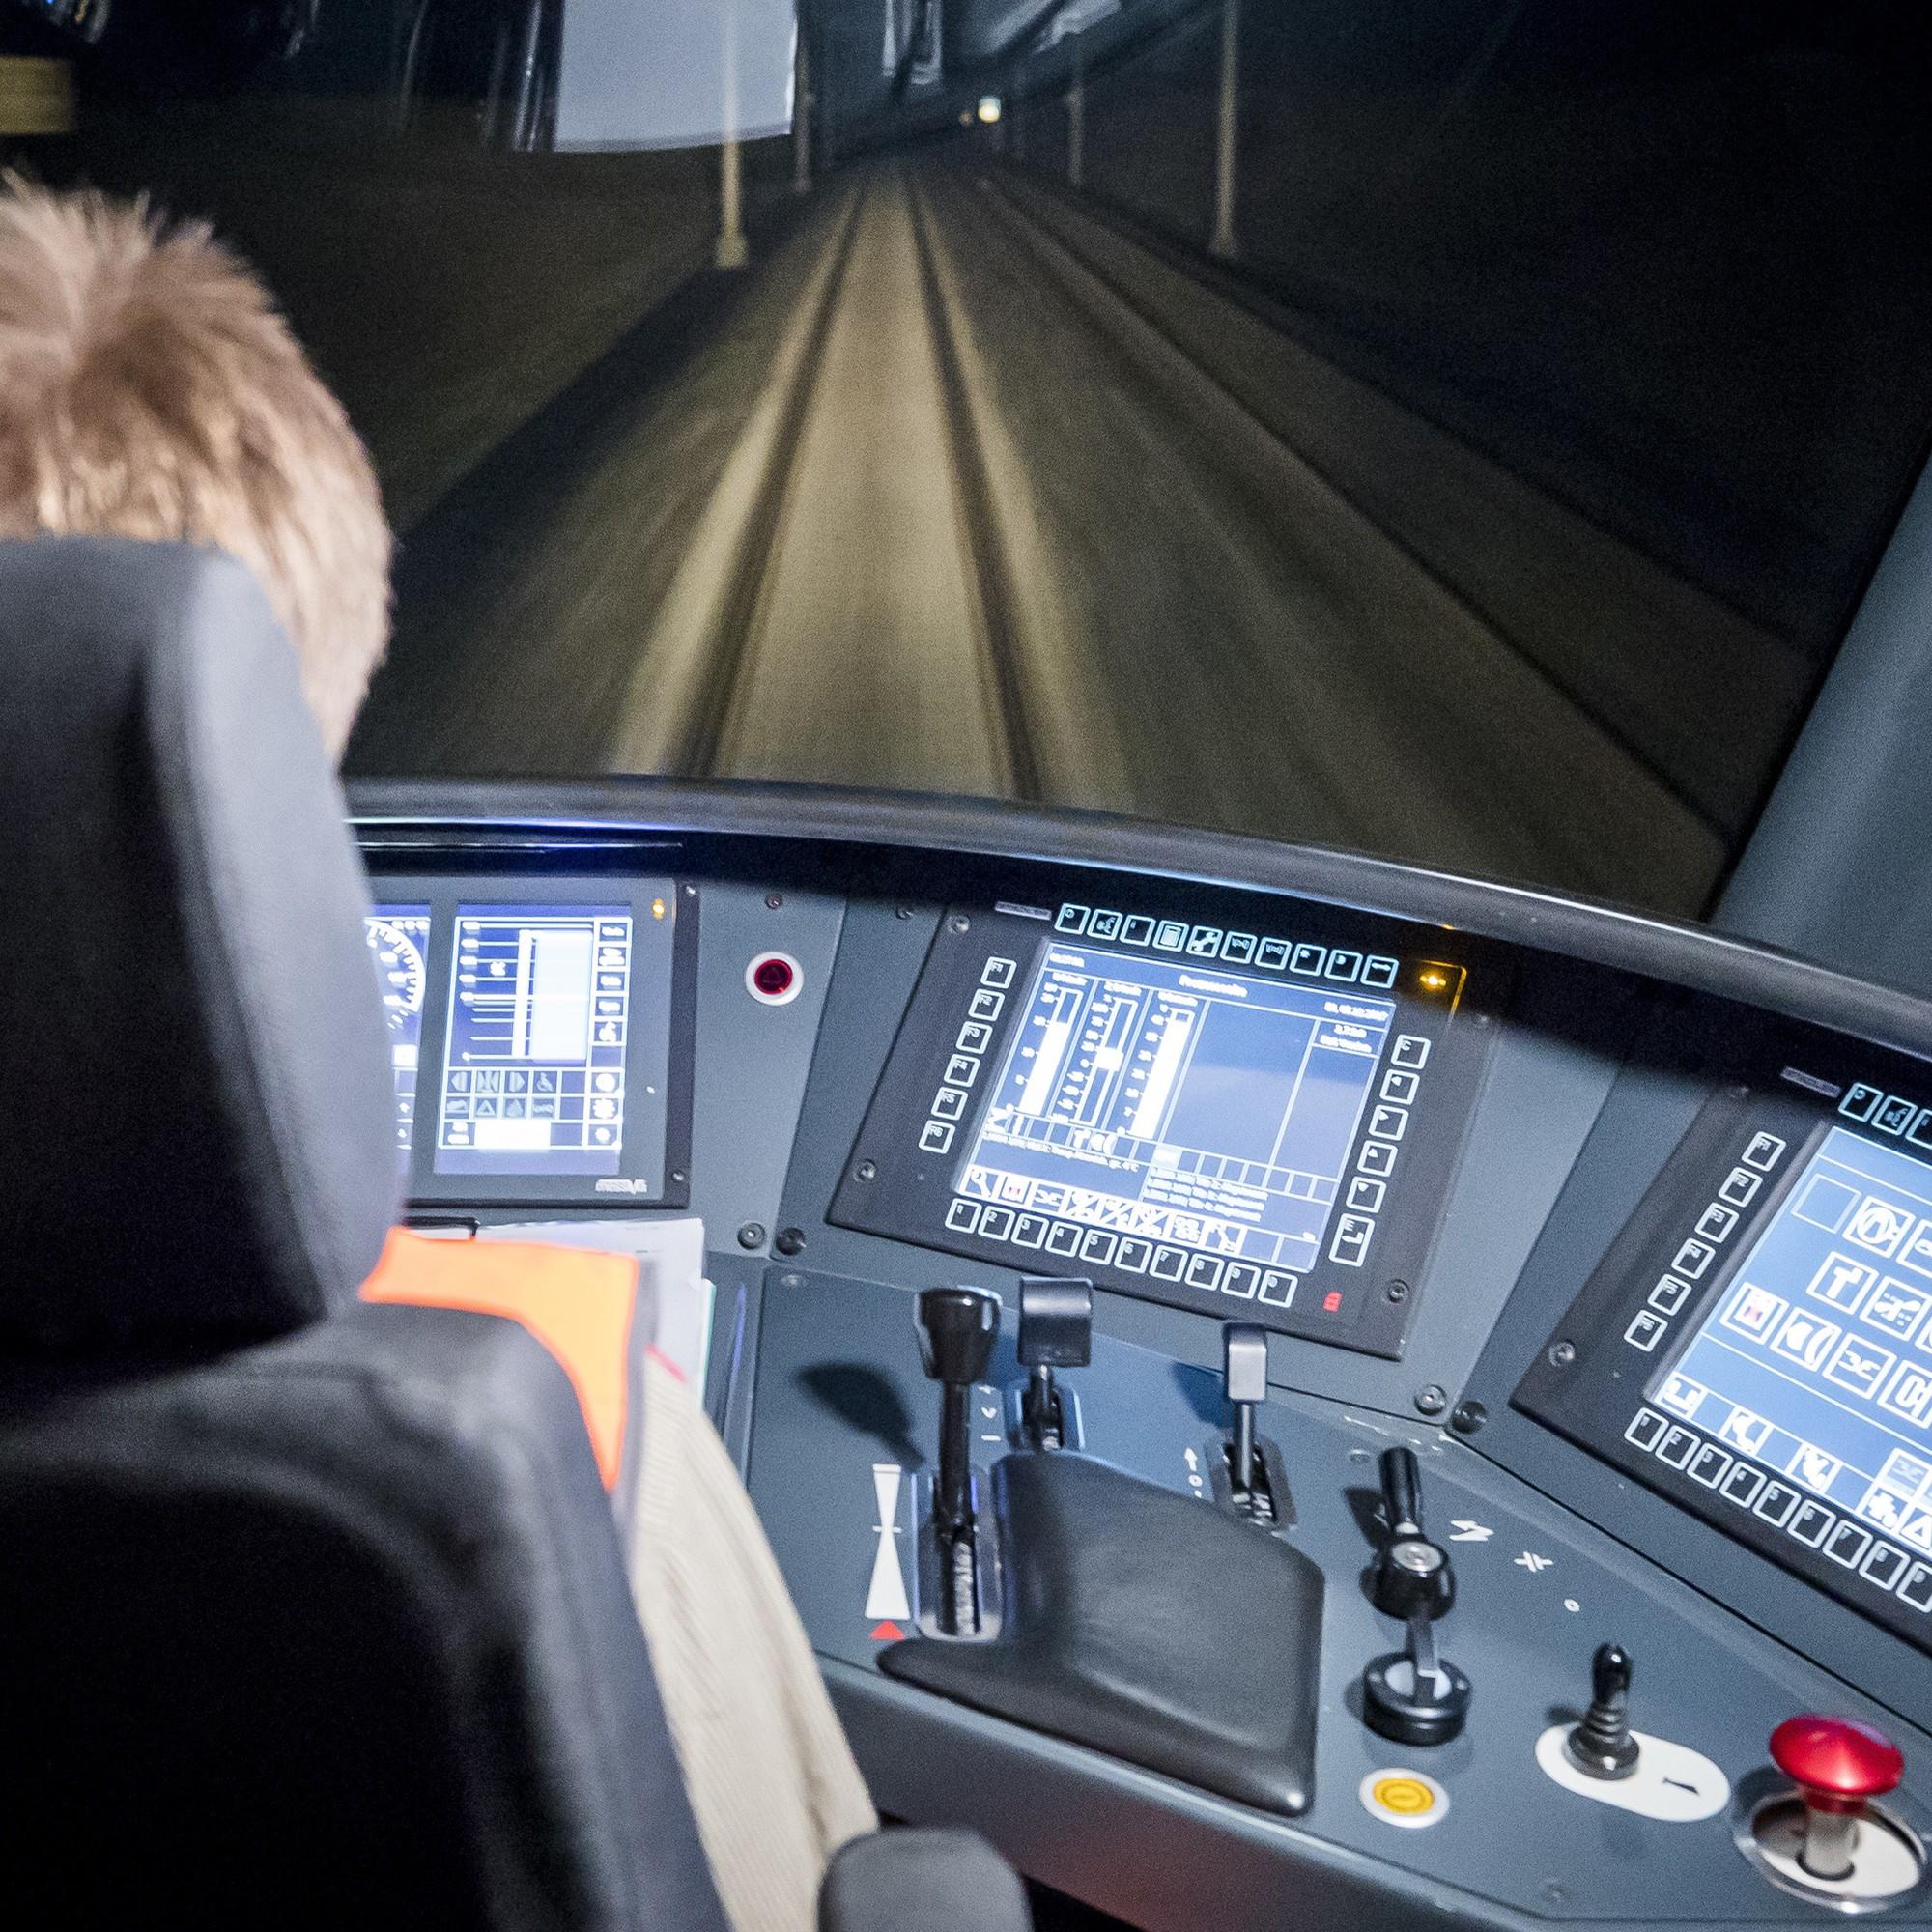 Testfahrt eines Schnellzugs mit neuem Assistenzleitsystem für Lokführer auf der SBB-Bahnstrecke zwischen Bern und Olten.